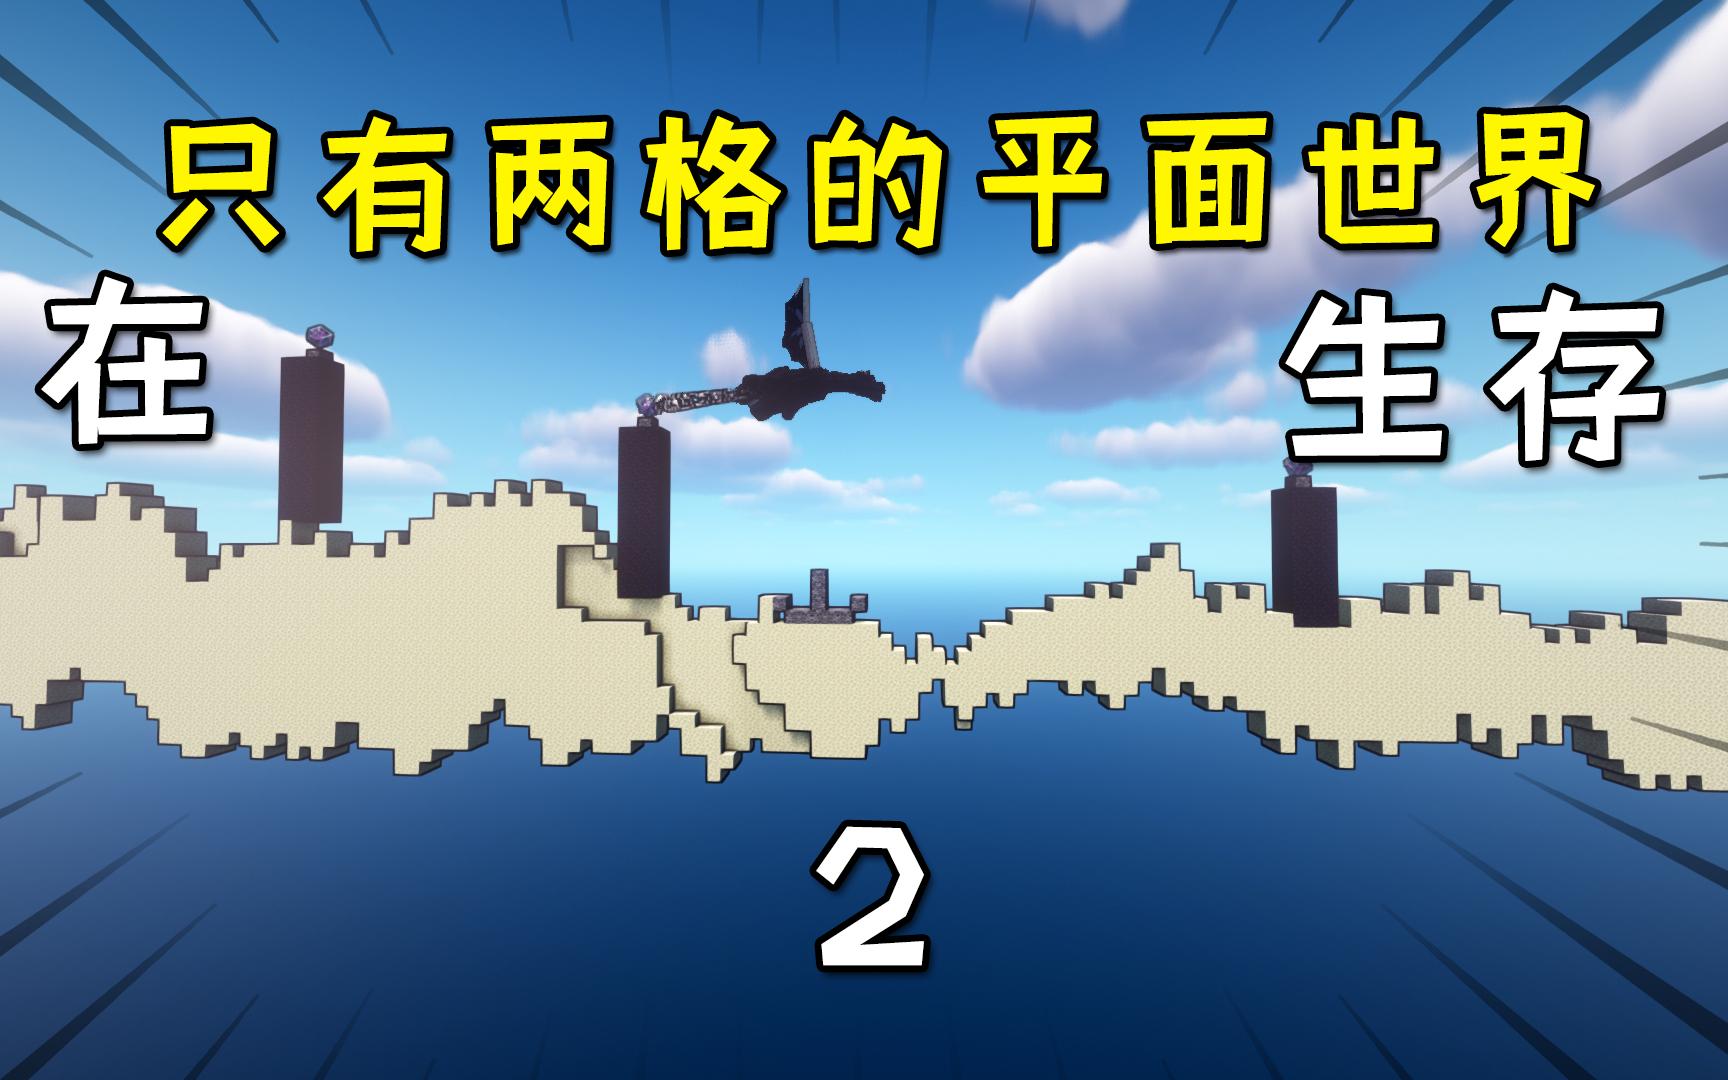 我的世界:在只有两格的平面世界生存2!在末地居然可以睡觉?